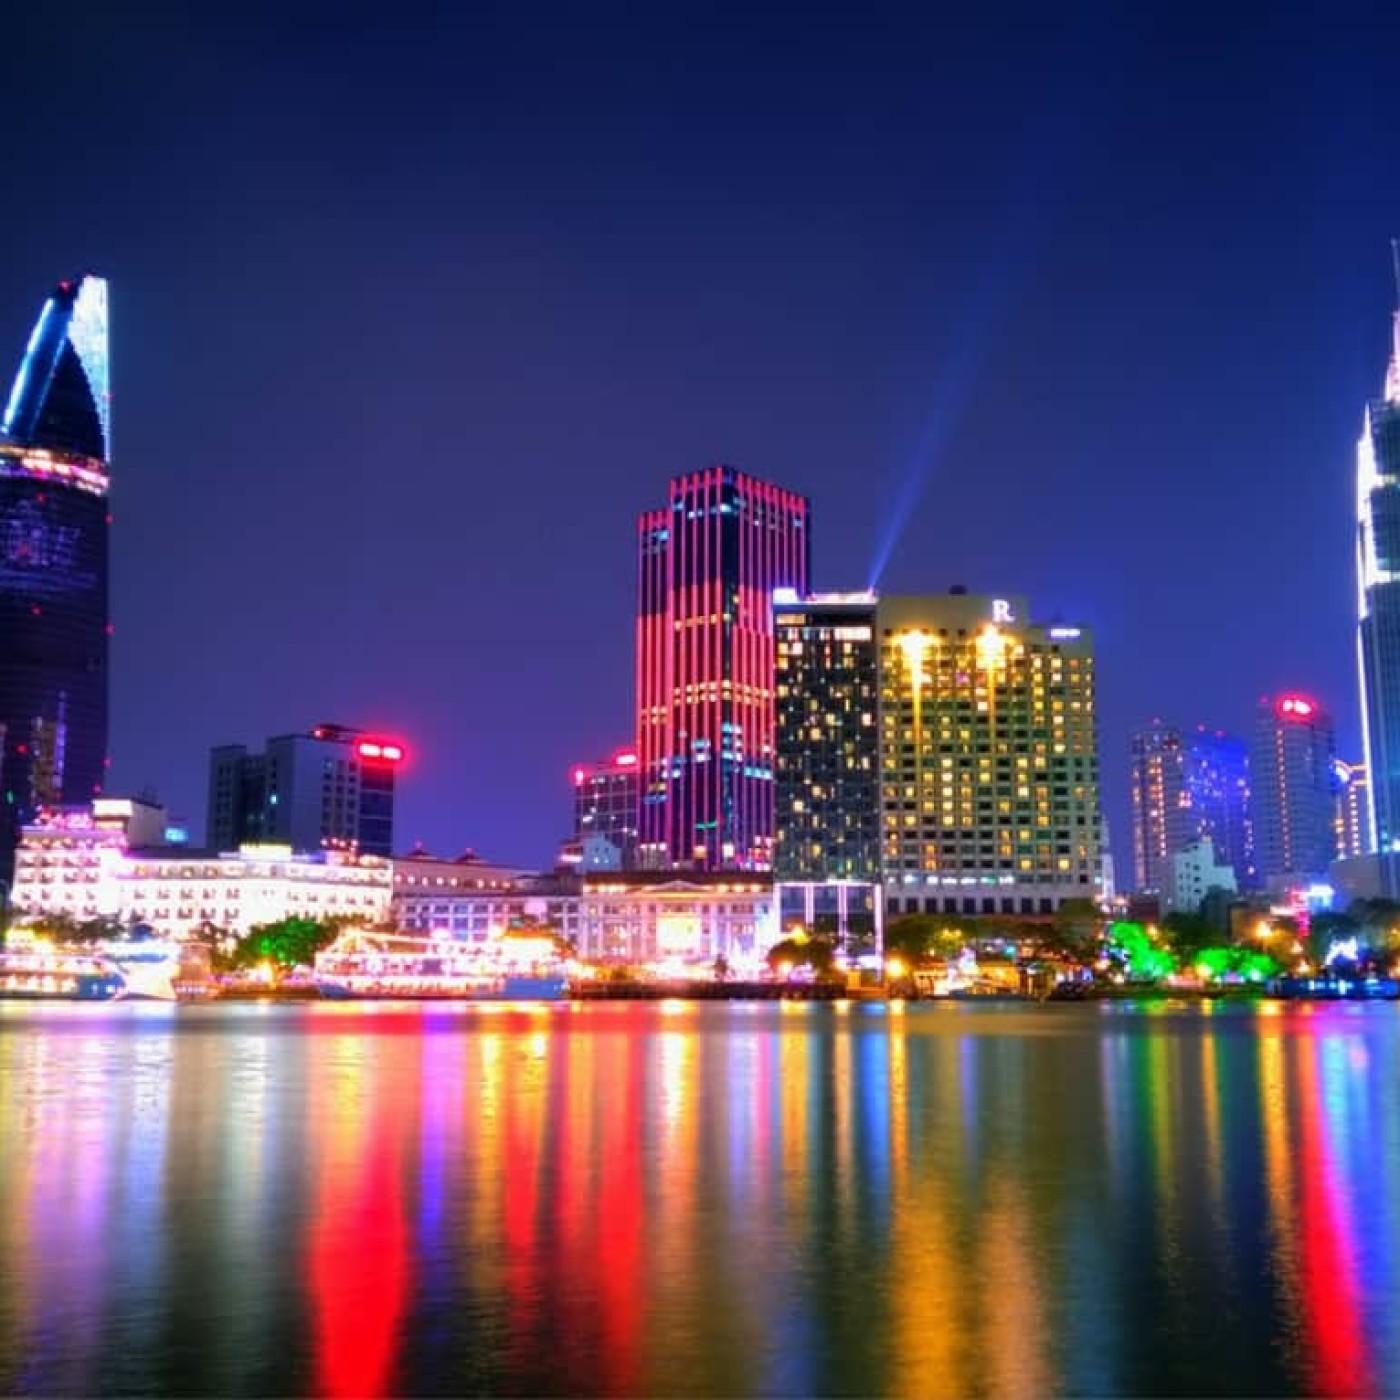 Noël au Vietnam, David nous en parle depuis Saigon - 18 12 2020 - StereoChic Radio - Carte Postale